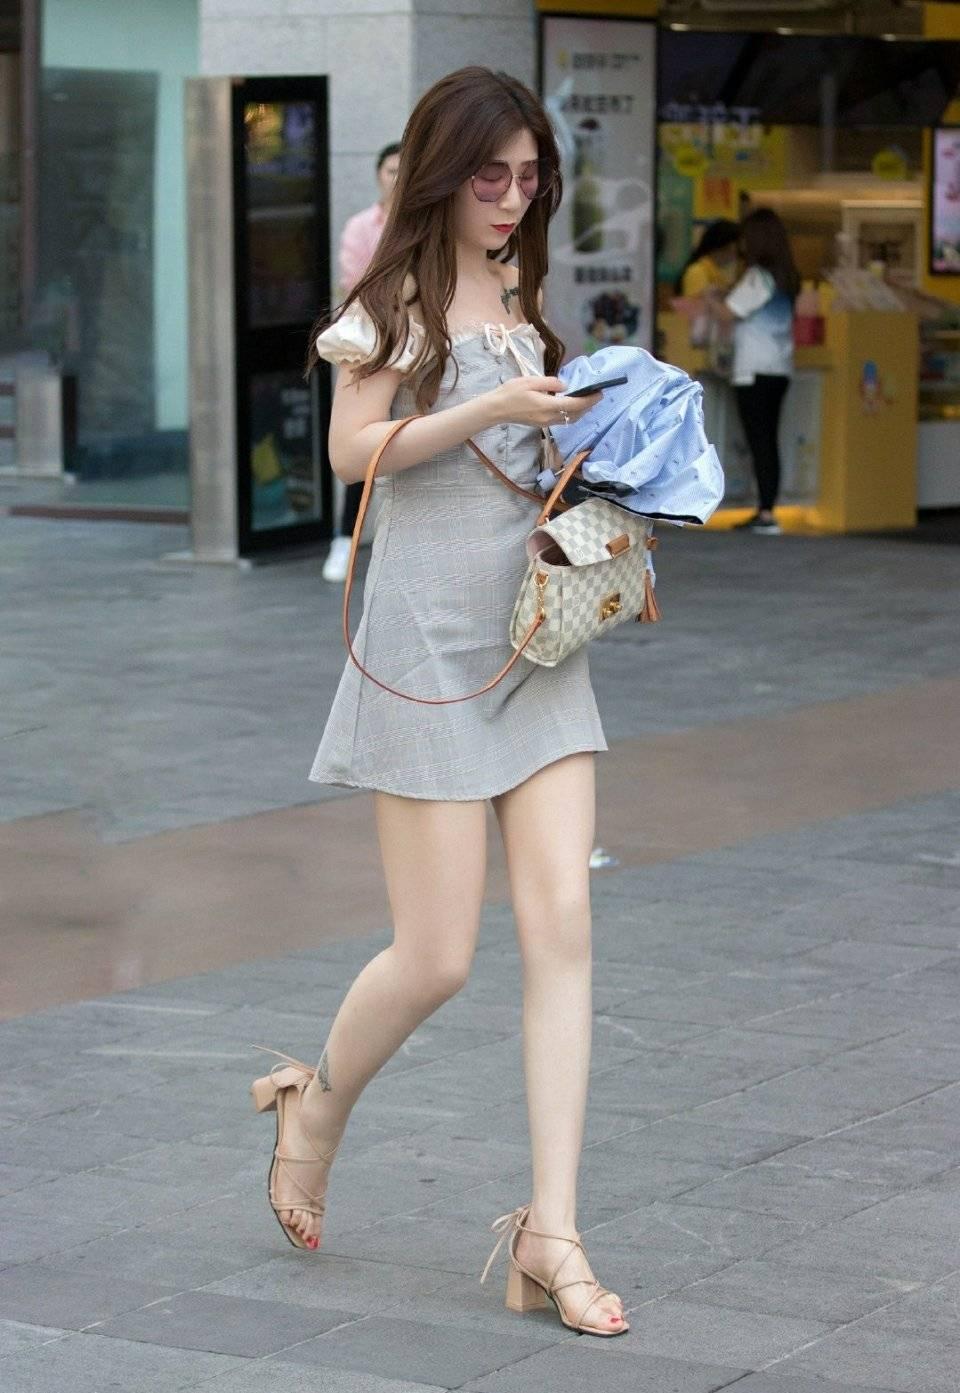 街拍墨镜短裙美腿阿姐,这气质拿捏的非常到位